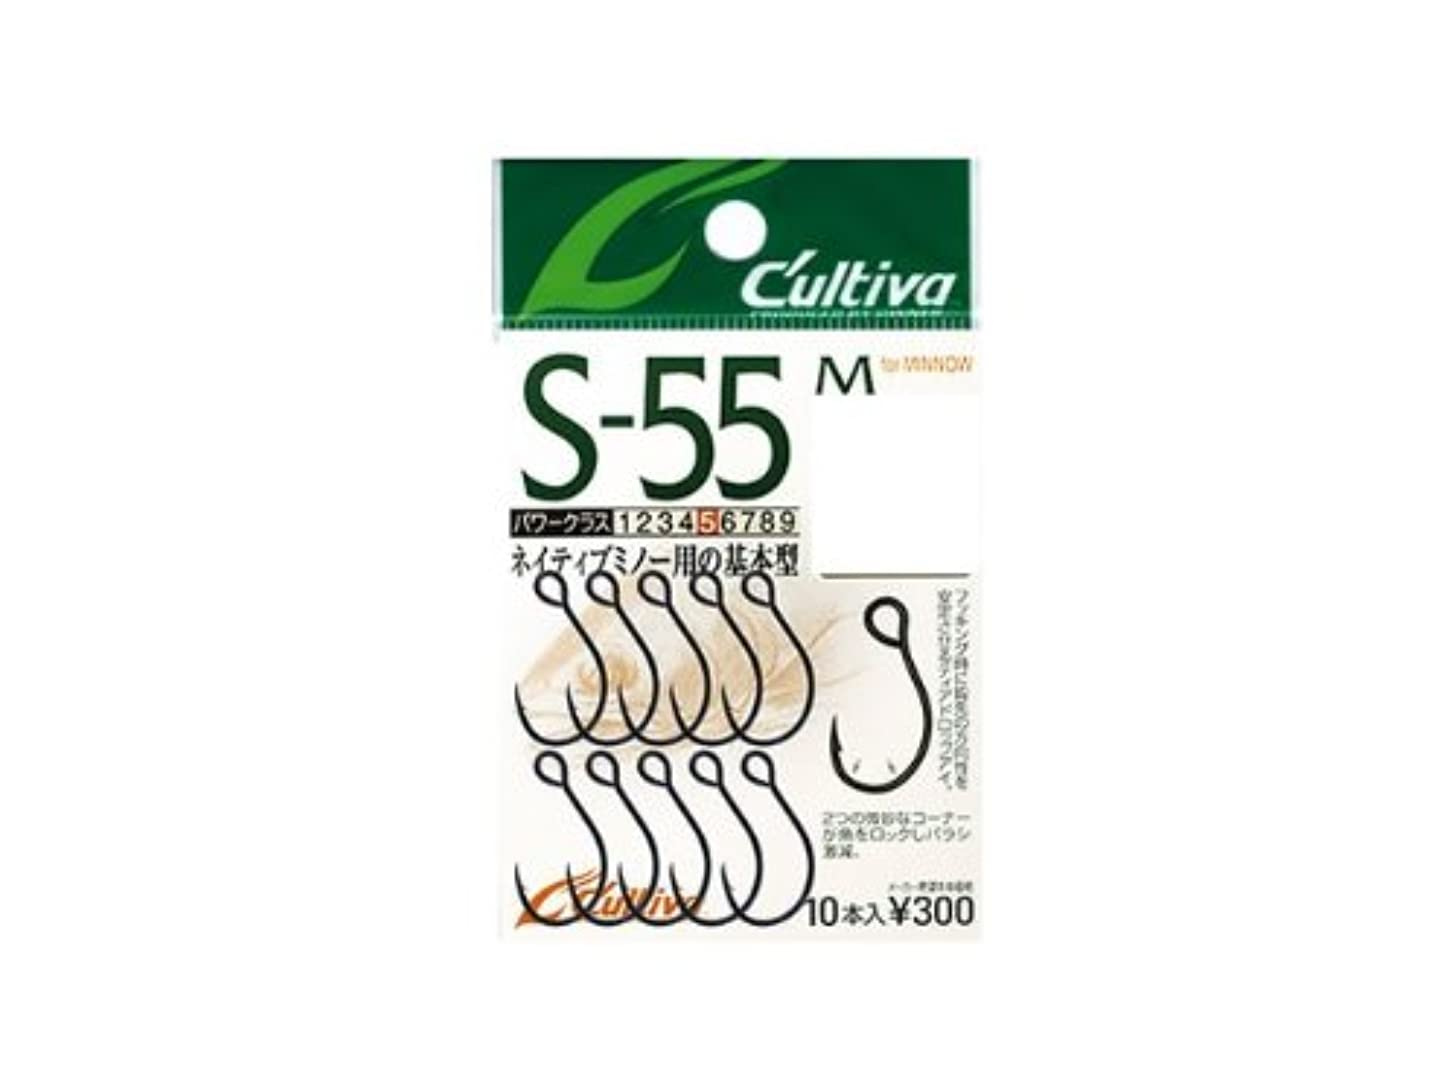 影響力のあるエンディングバナーオーナー(OWNER) S-55M シングルフック8 11770 釣り針